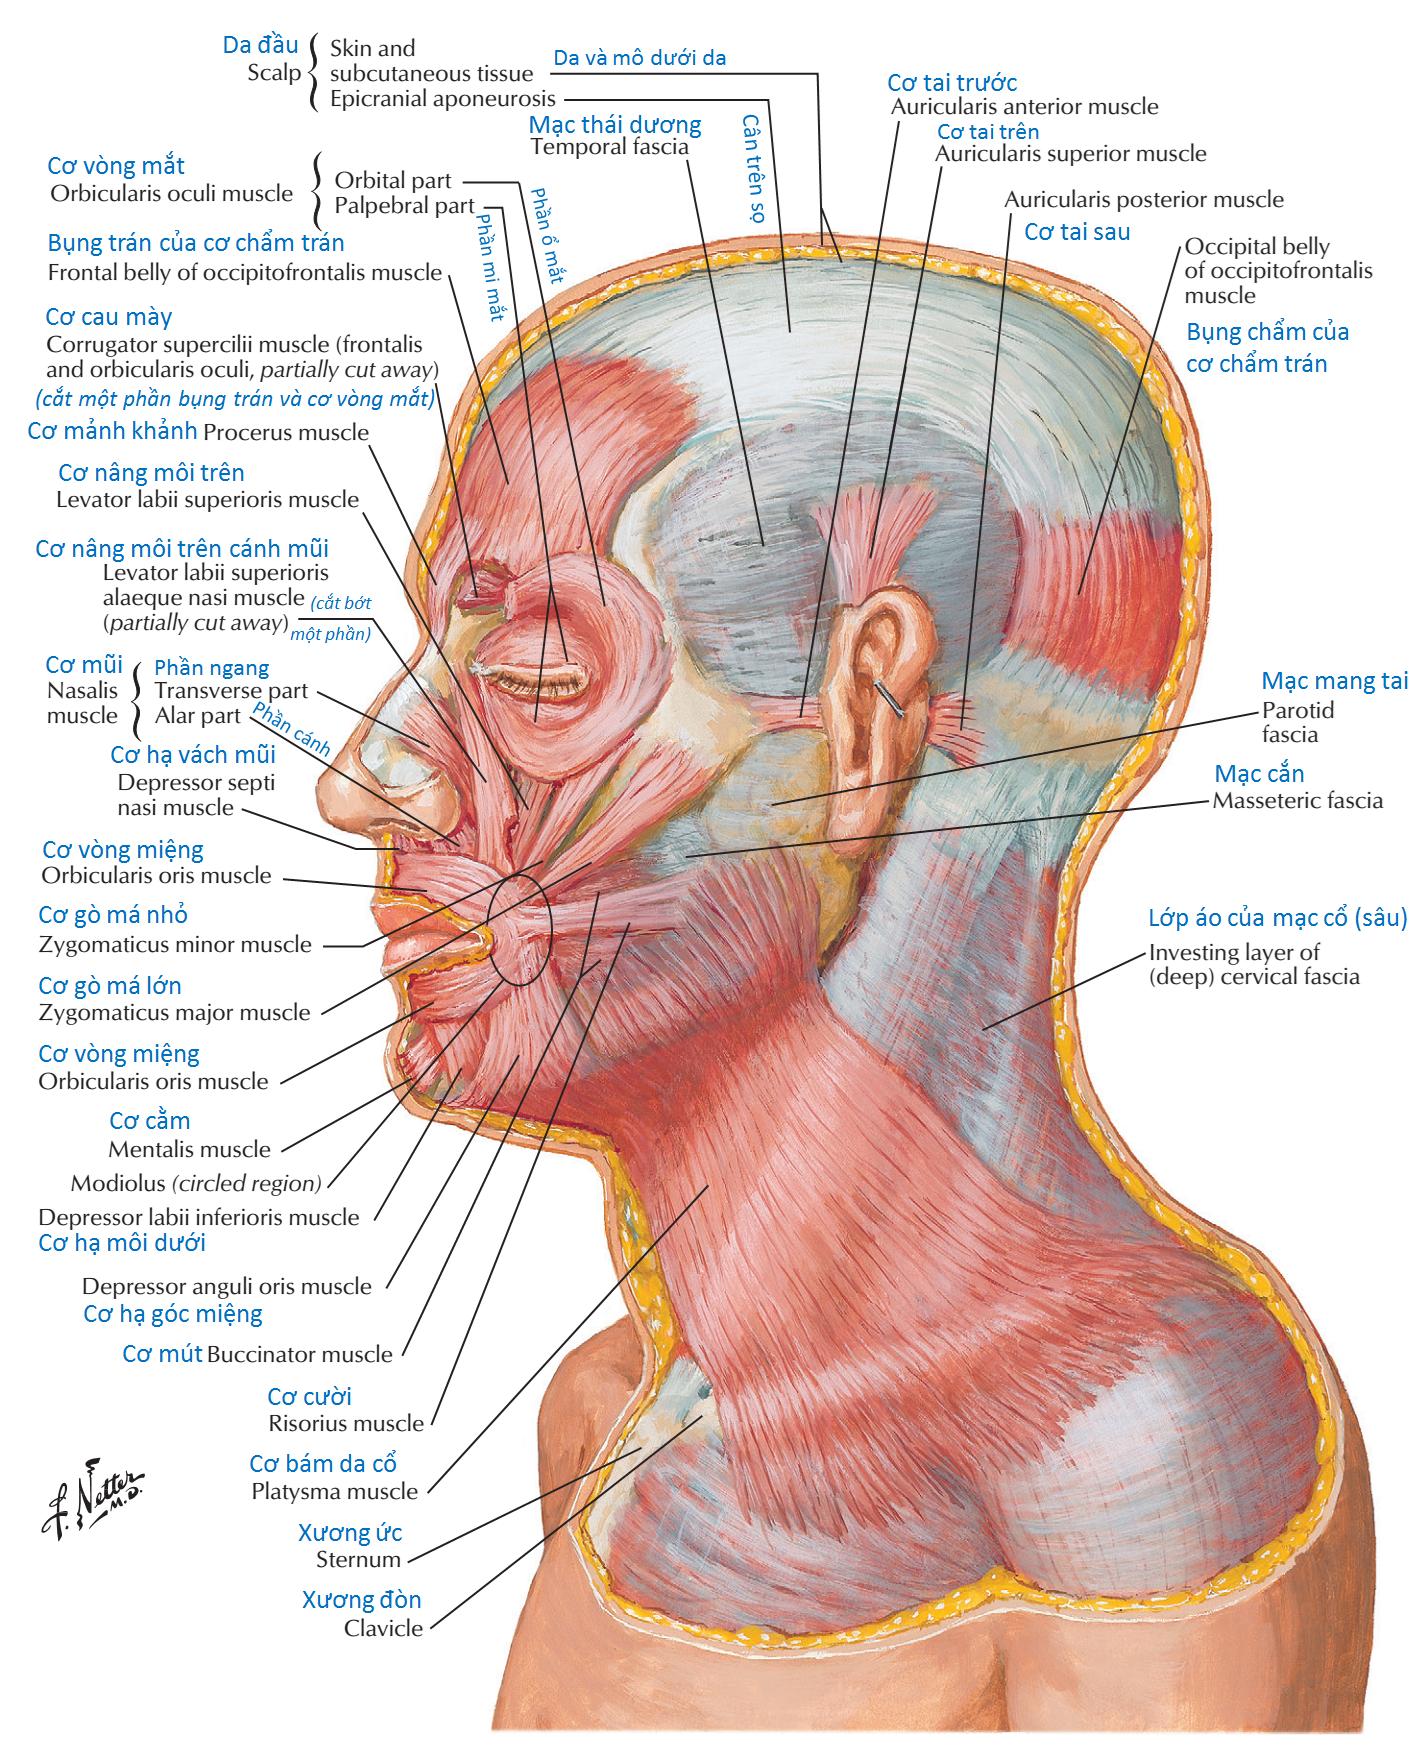 Các cơ biểu hiện nét mặt